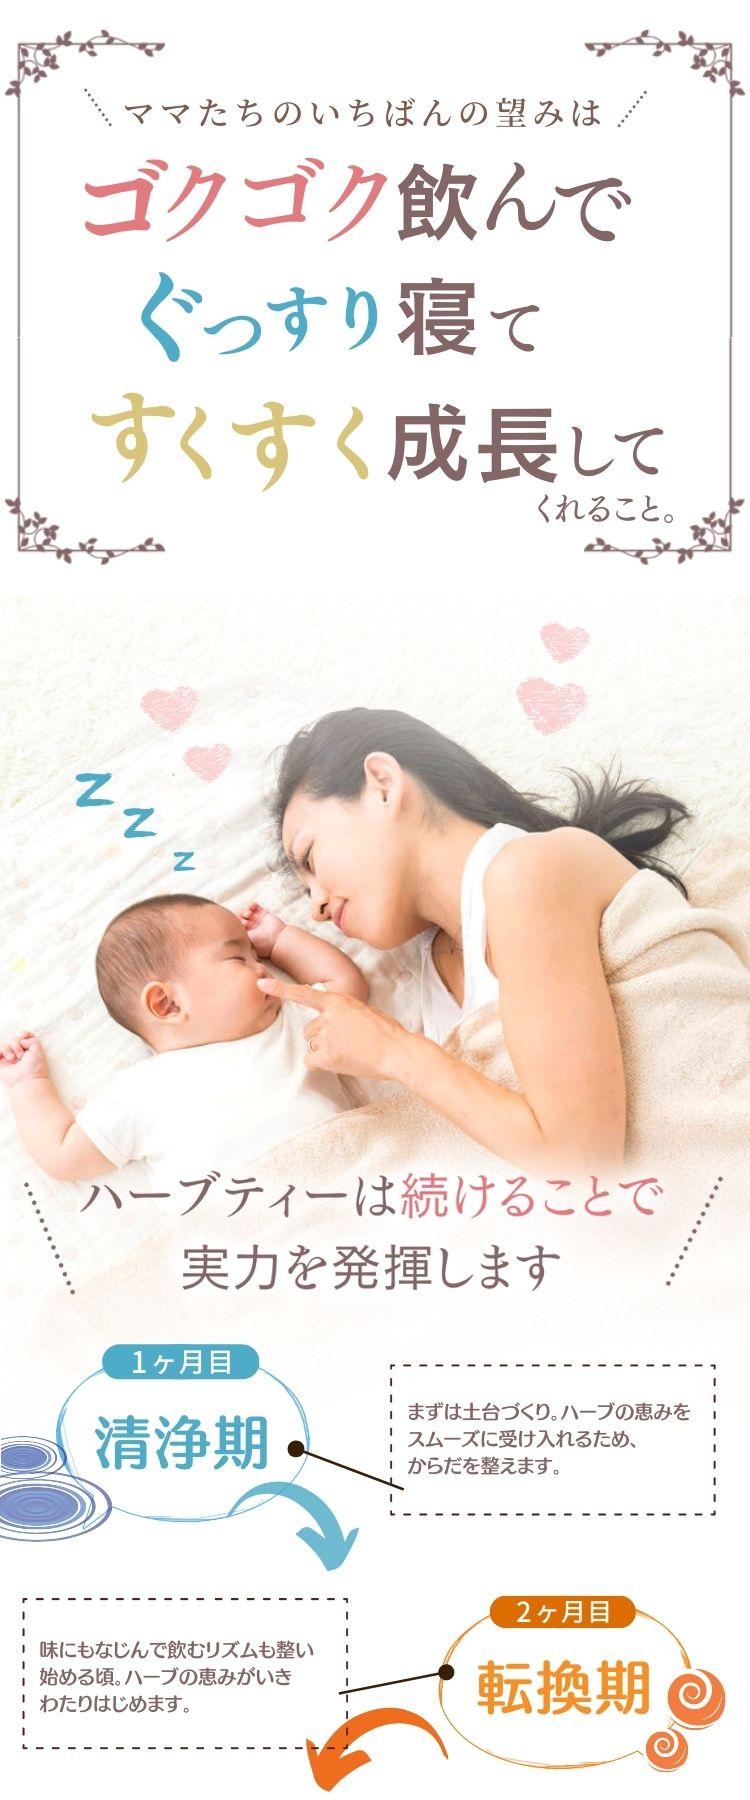 ママたちの一番の望みはゴクゴク飲んでぐっすり寝てすくすく成長してくれること。